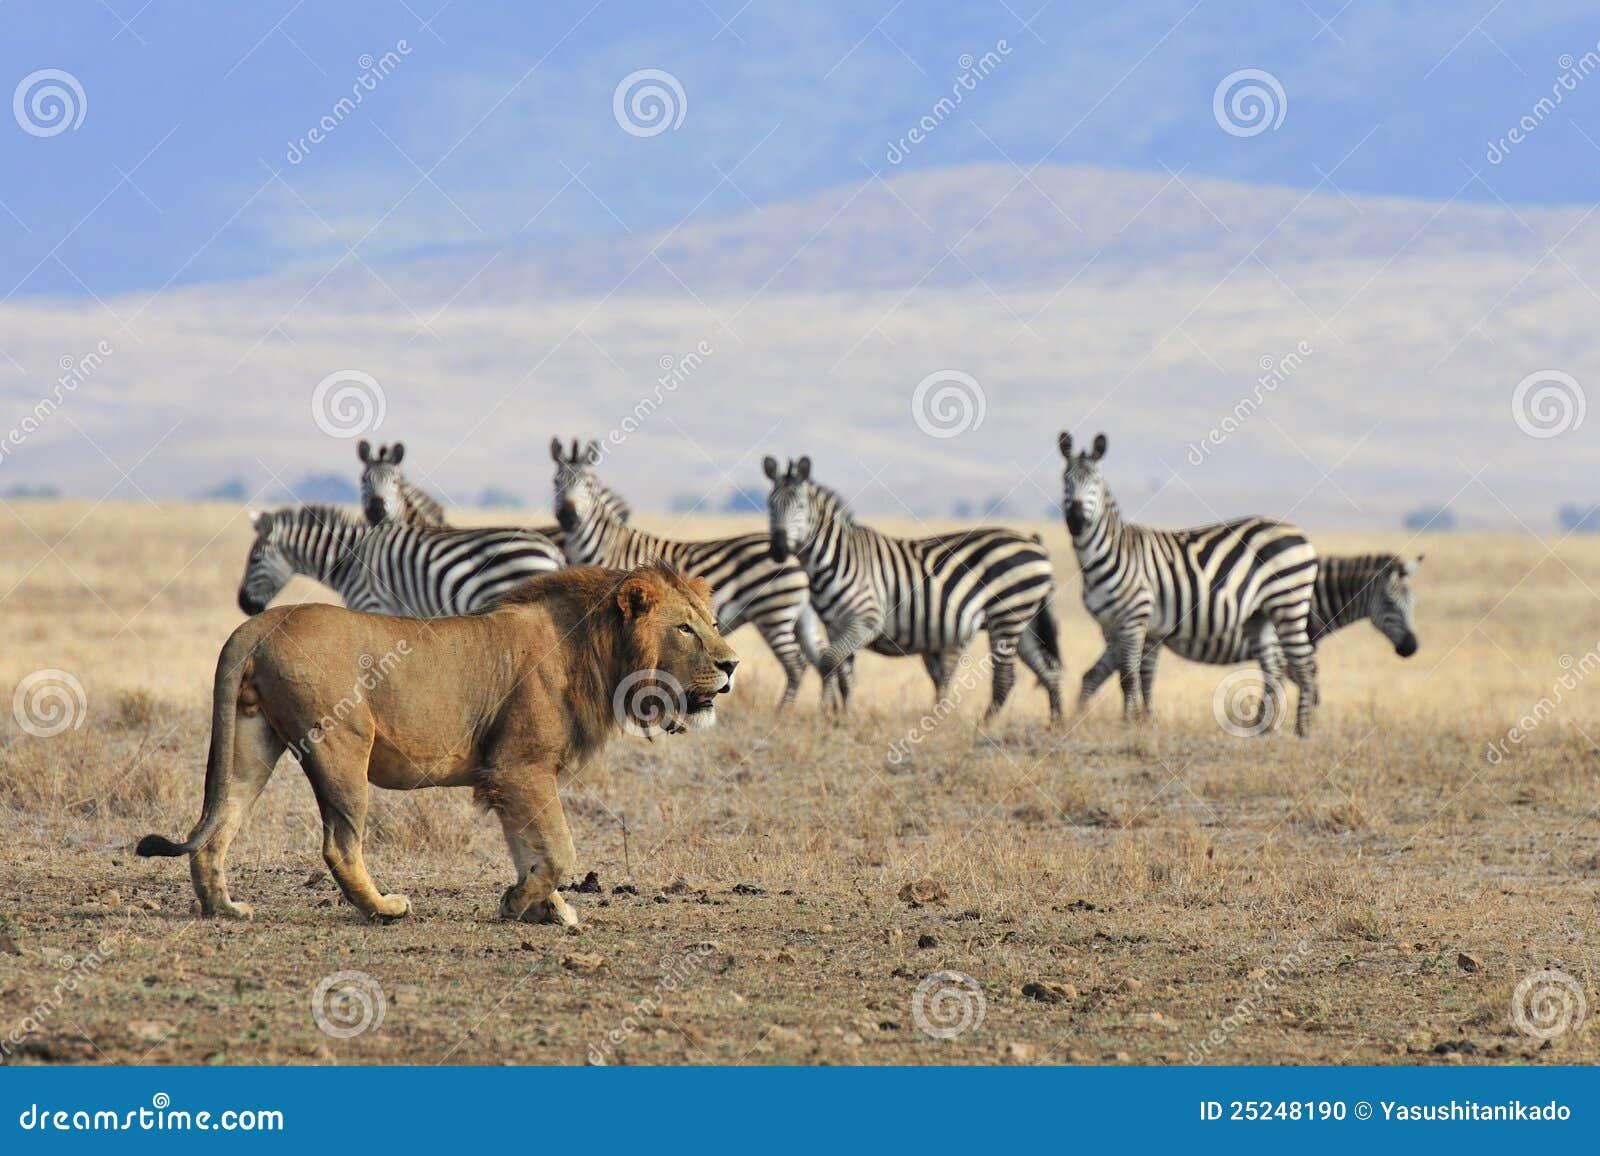 León y cebra foto de archivo. Imagen de safari, drama - 25248190